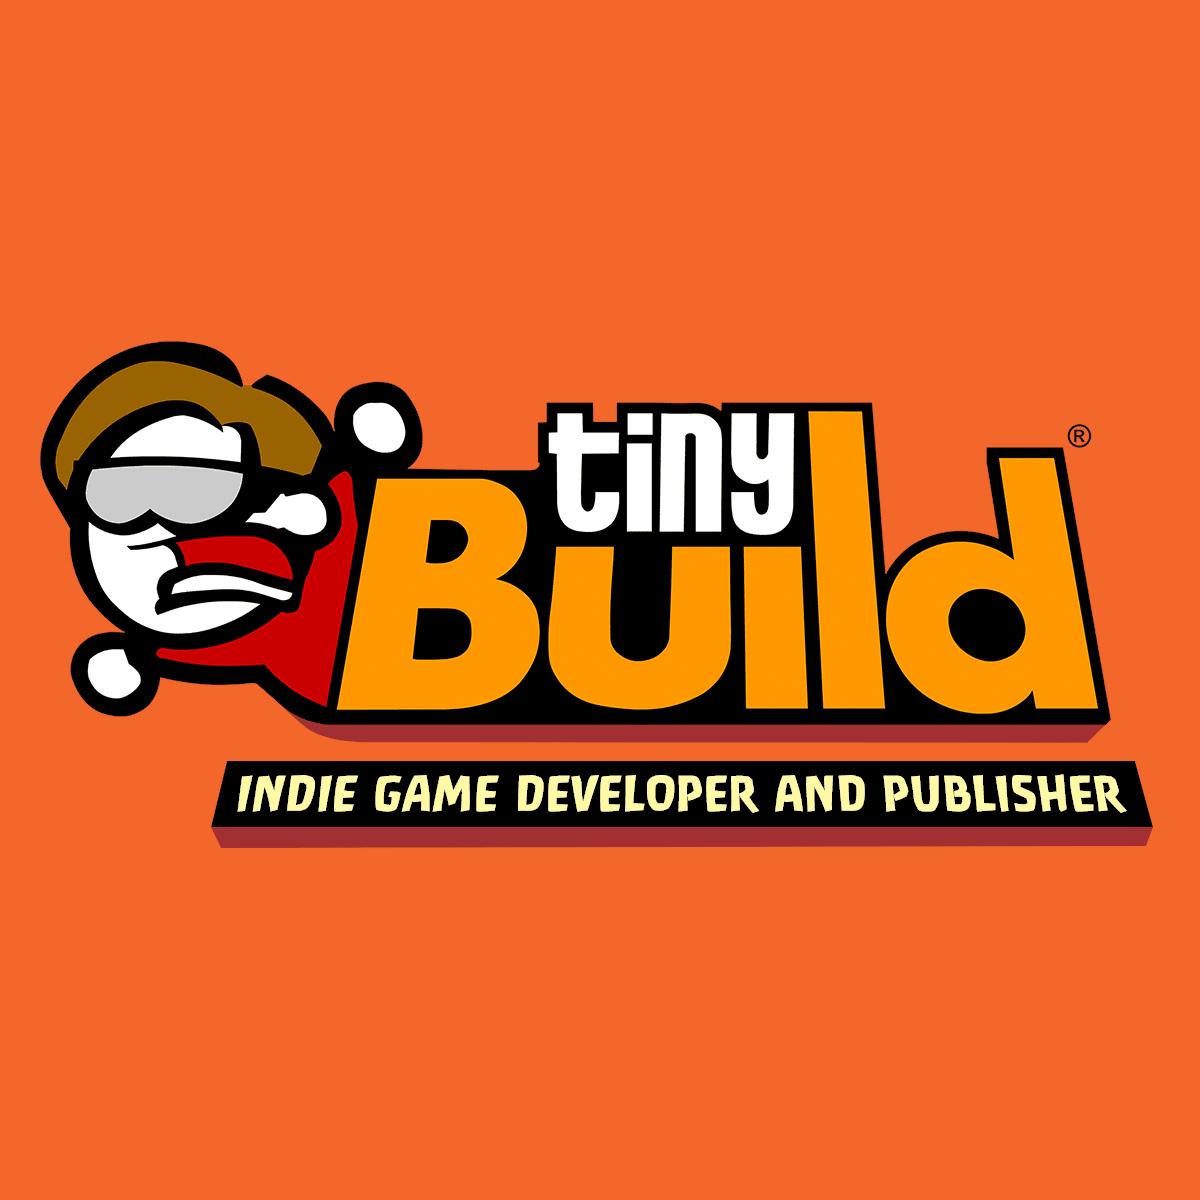 tinyBuild Stats & Games